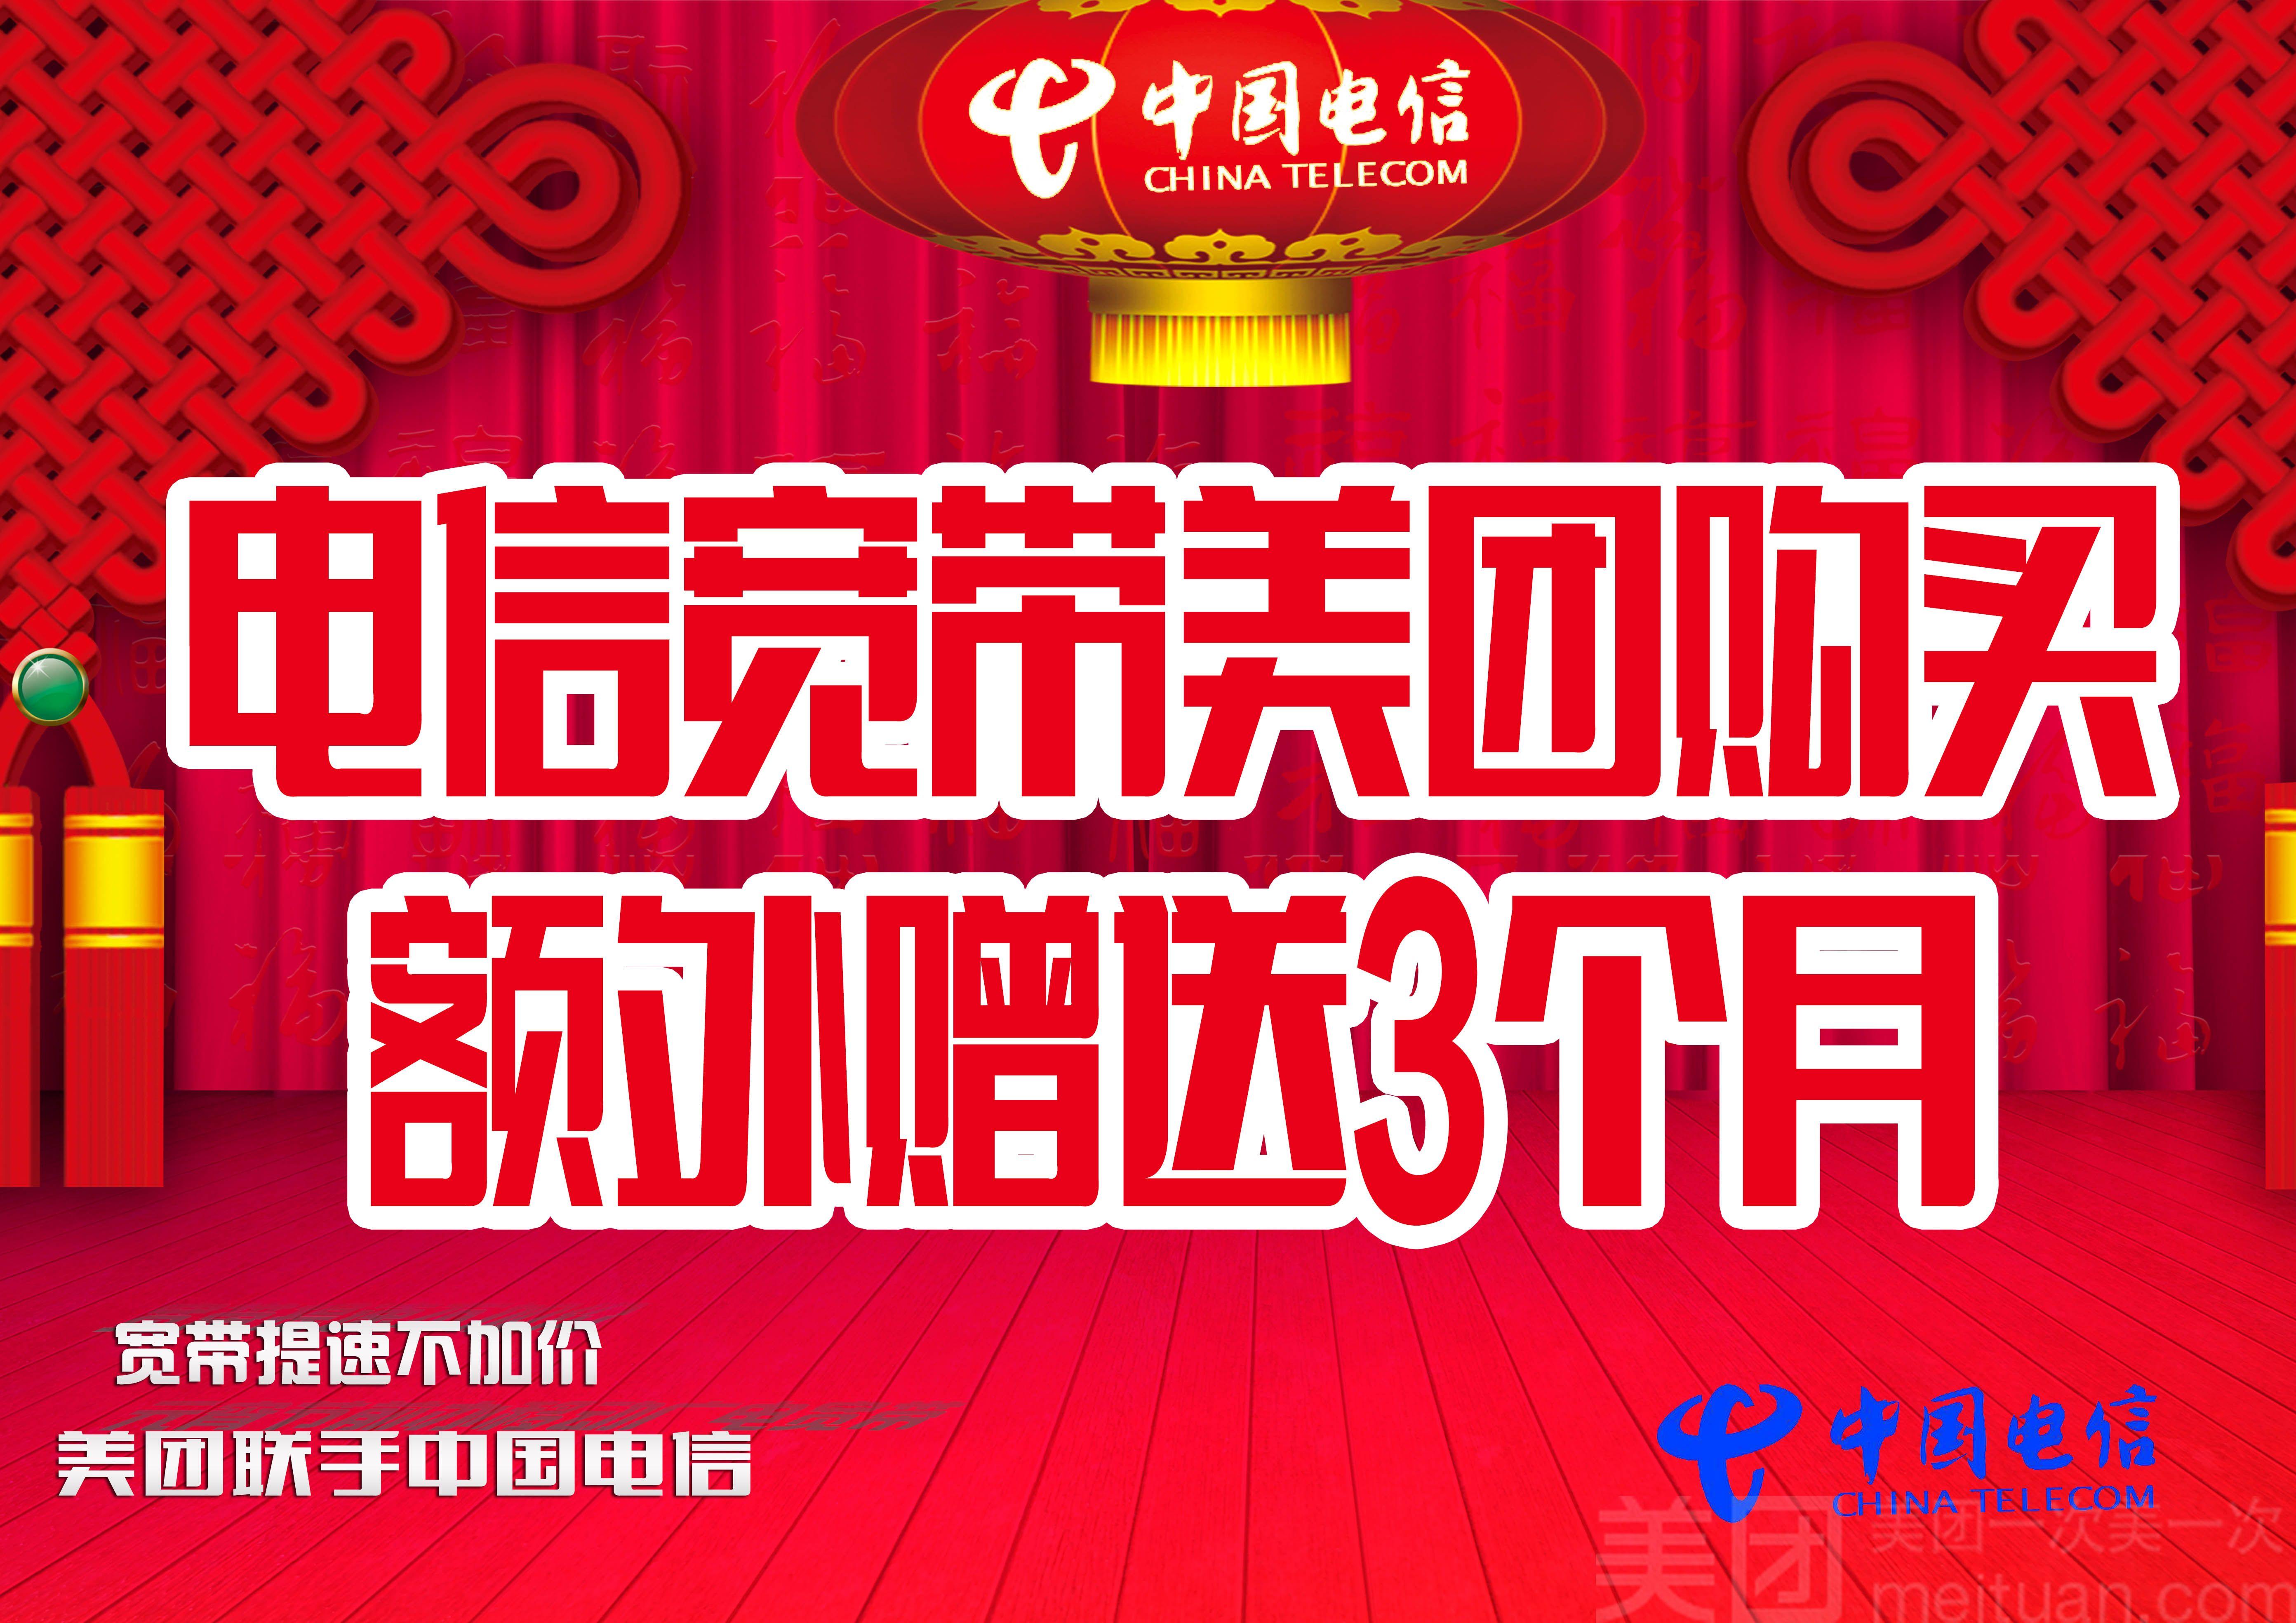 中国电信-电信宽带30M,仅售750元,价值750元电信宽带30M,免费WiFi,免费停车位!